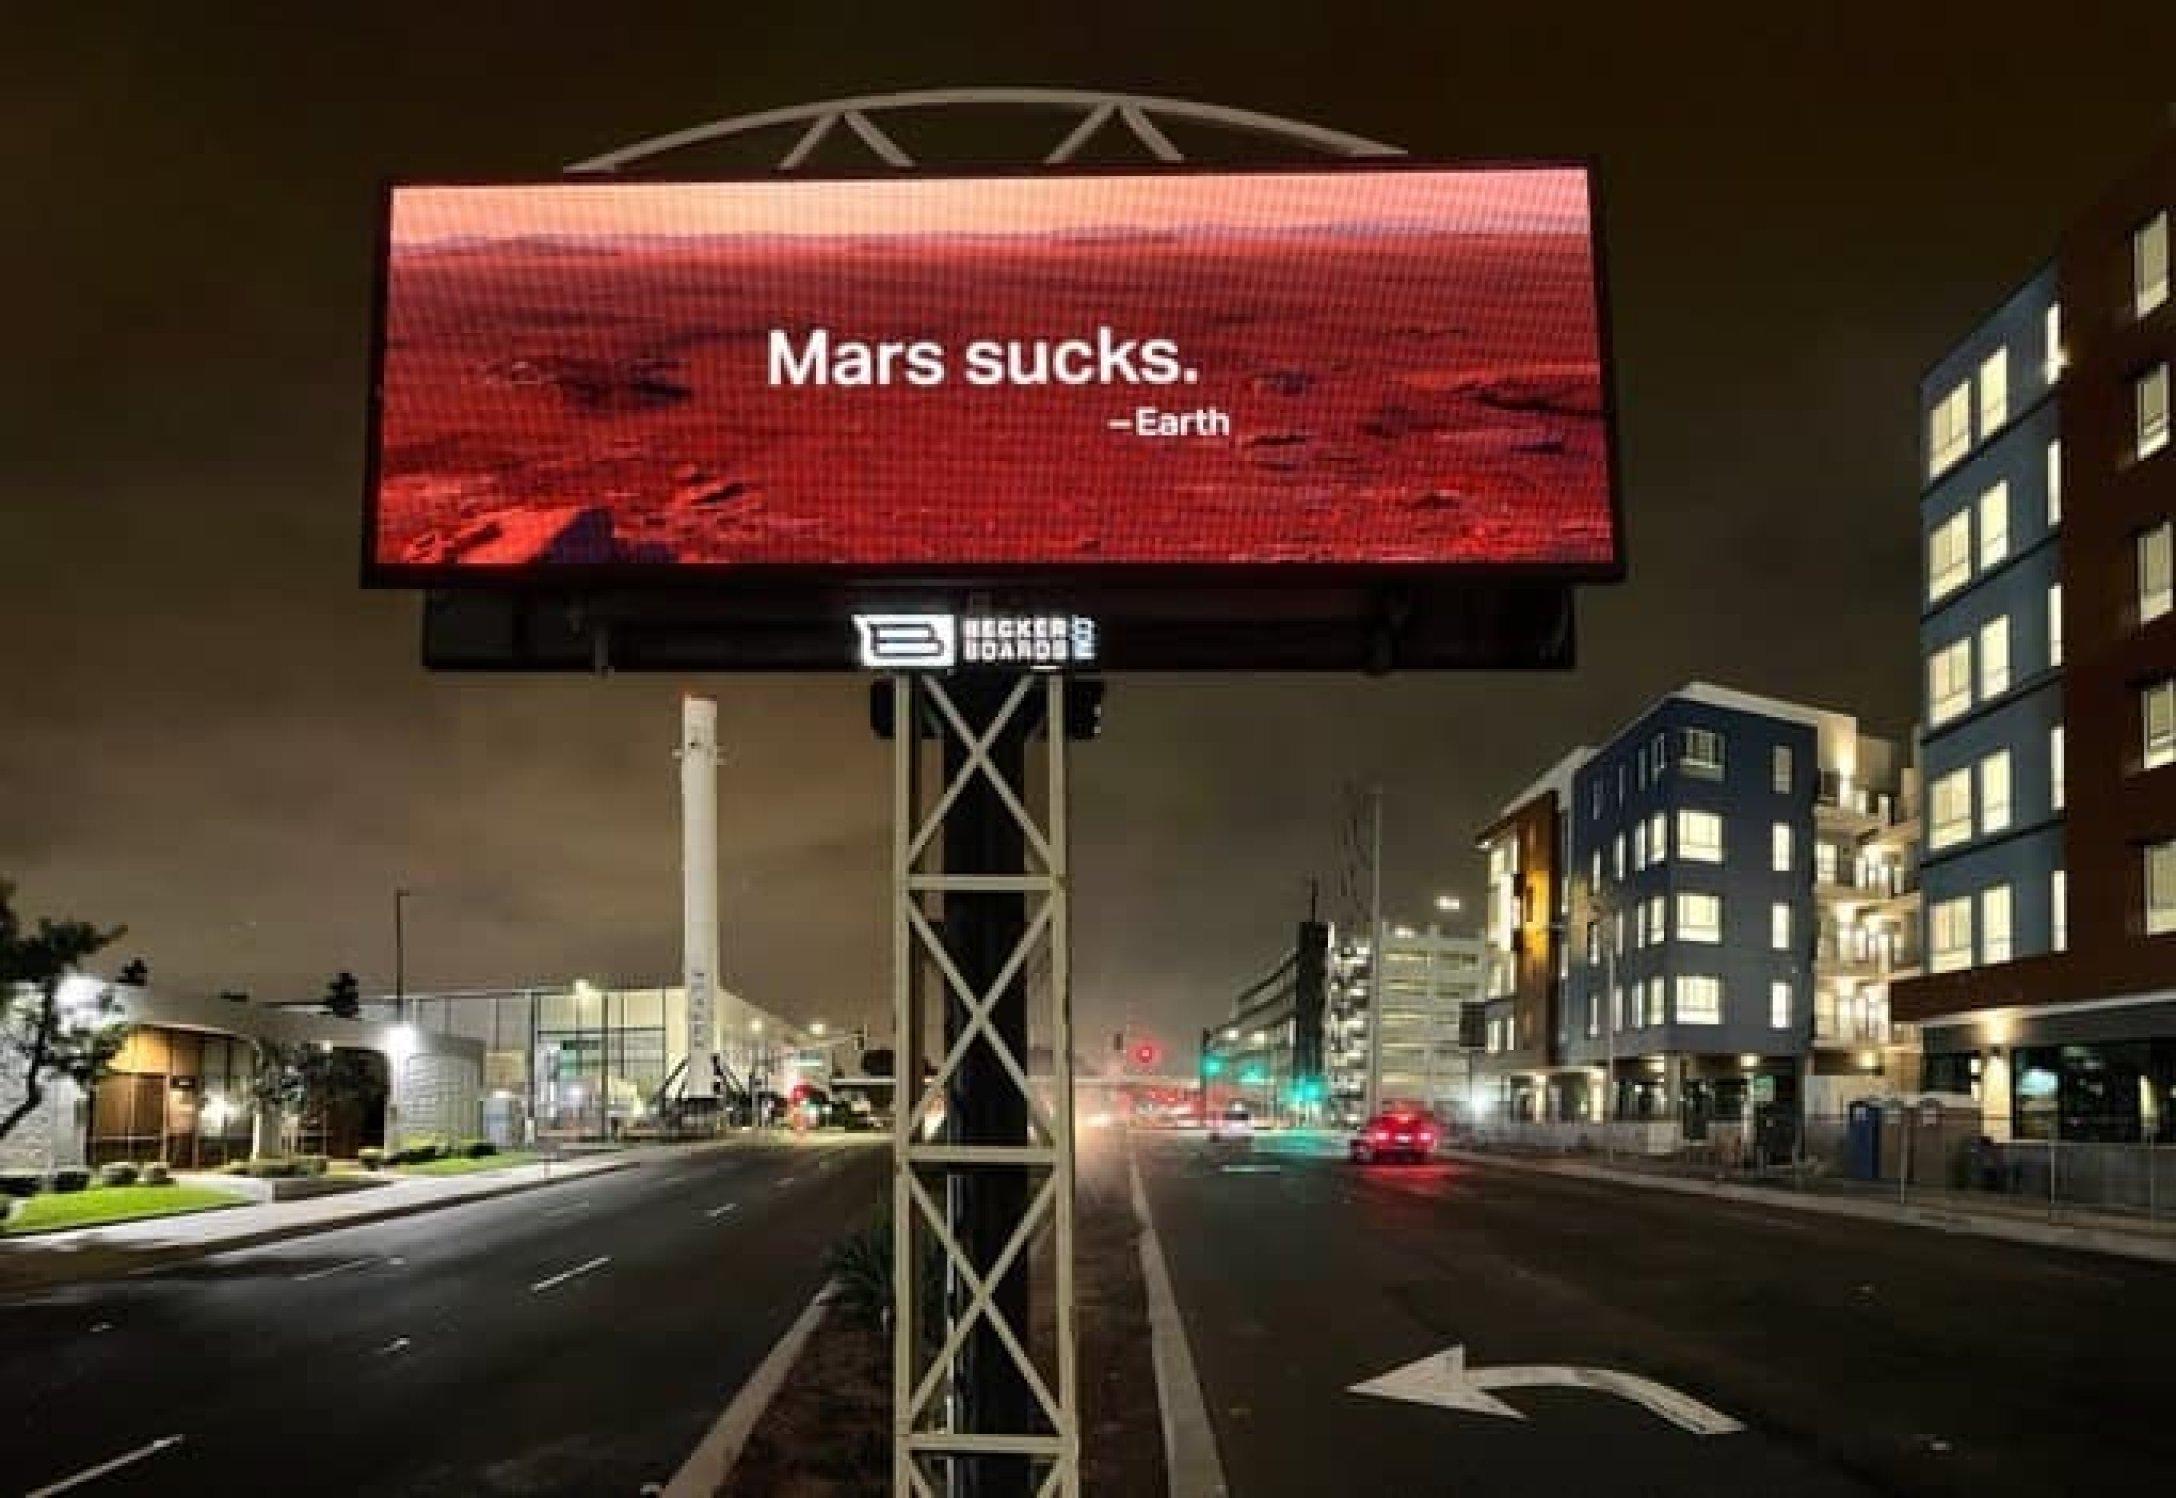 Экоактивисты установили возле штаб-квартиры SpaceX билборд с надписью: Марс -отстой - новости Украины, - LIGA.net